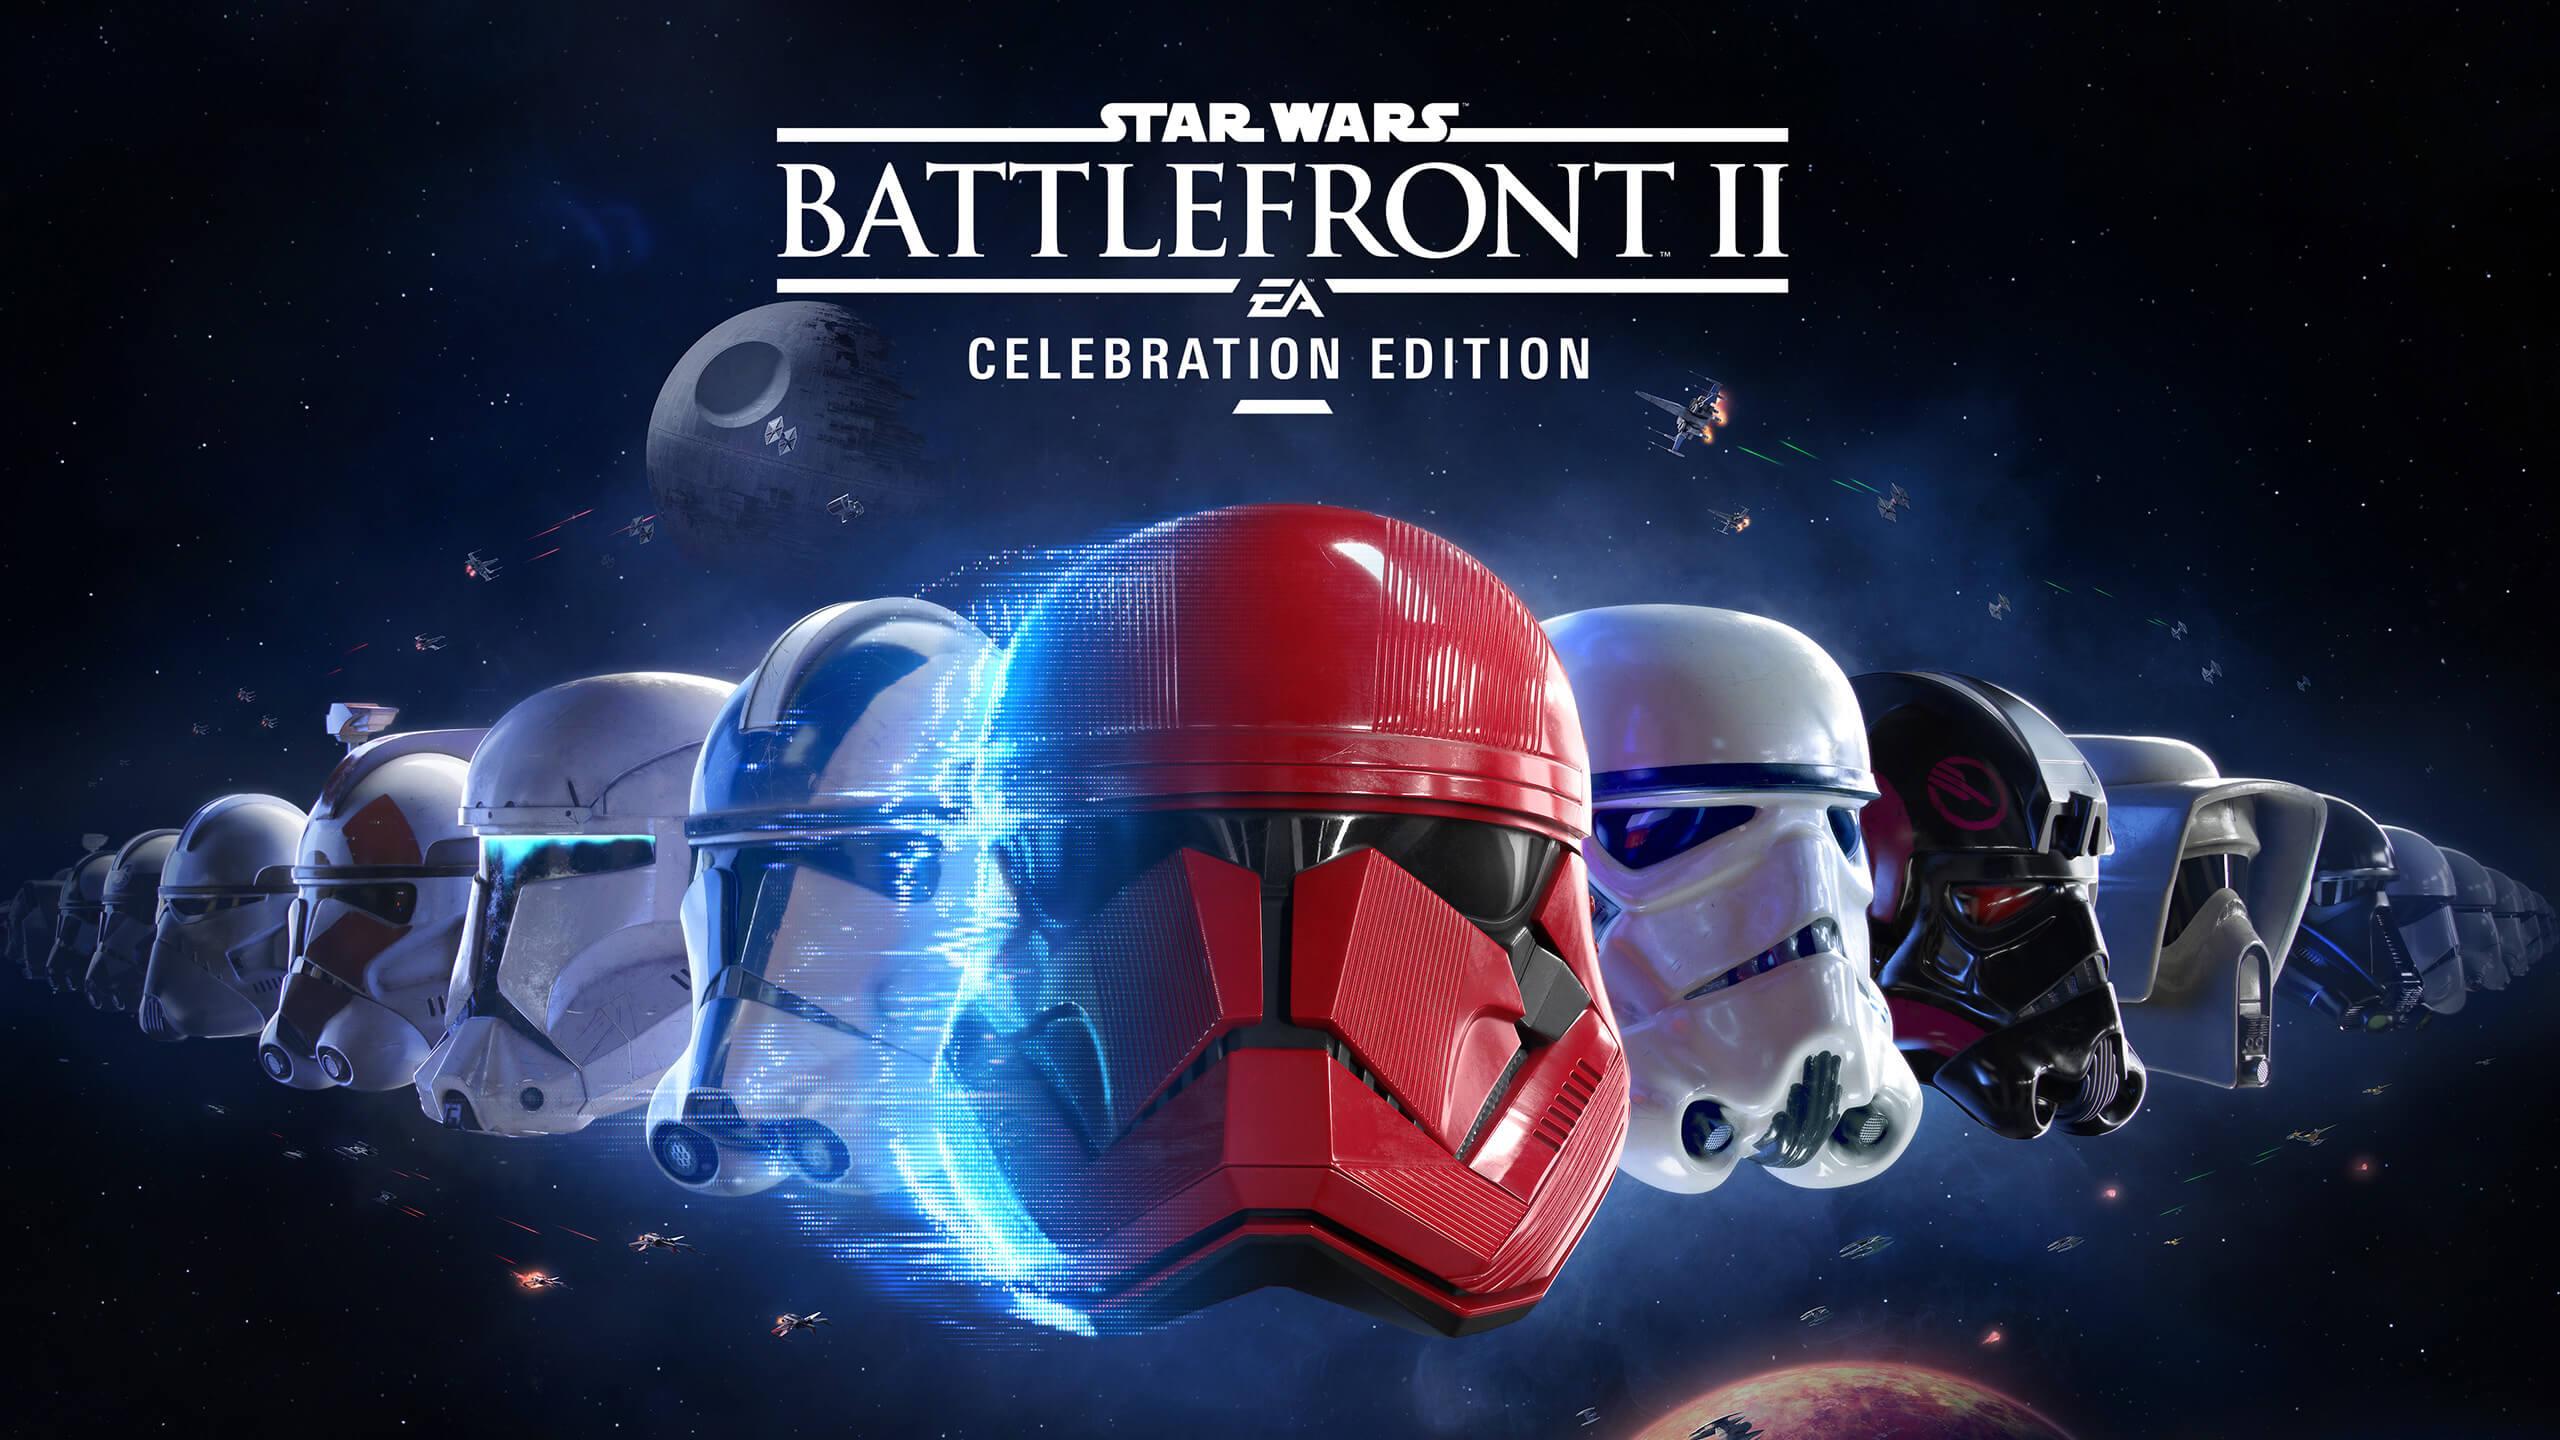 Epic Games anuncia Star Wars Battlefront II como o jogo grátis da semana 6